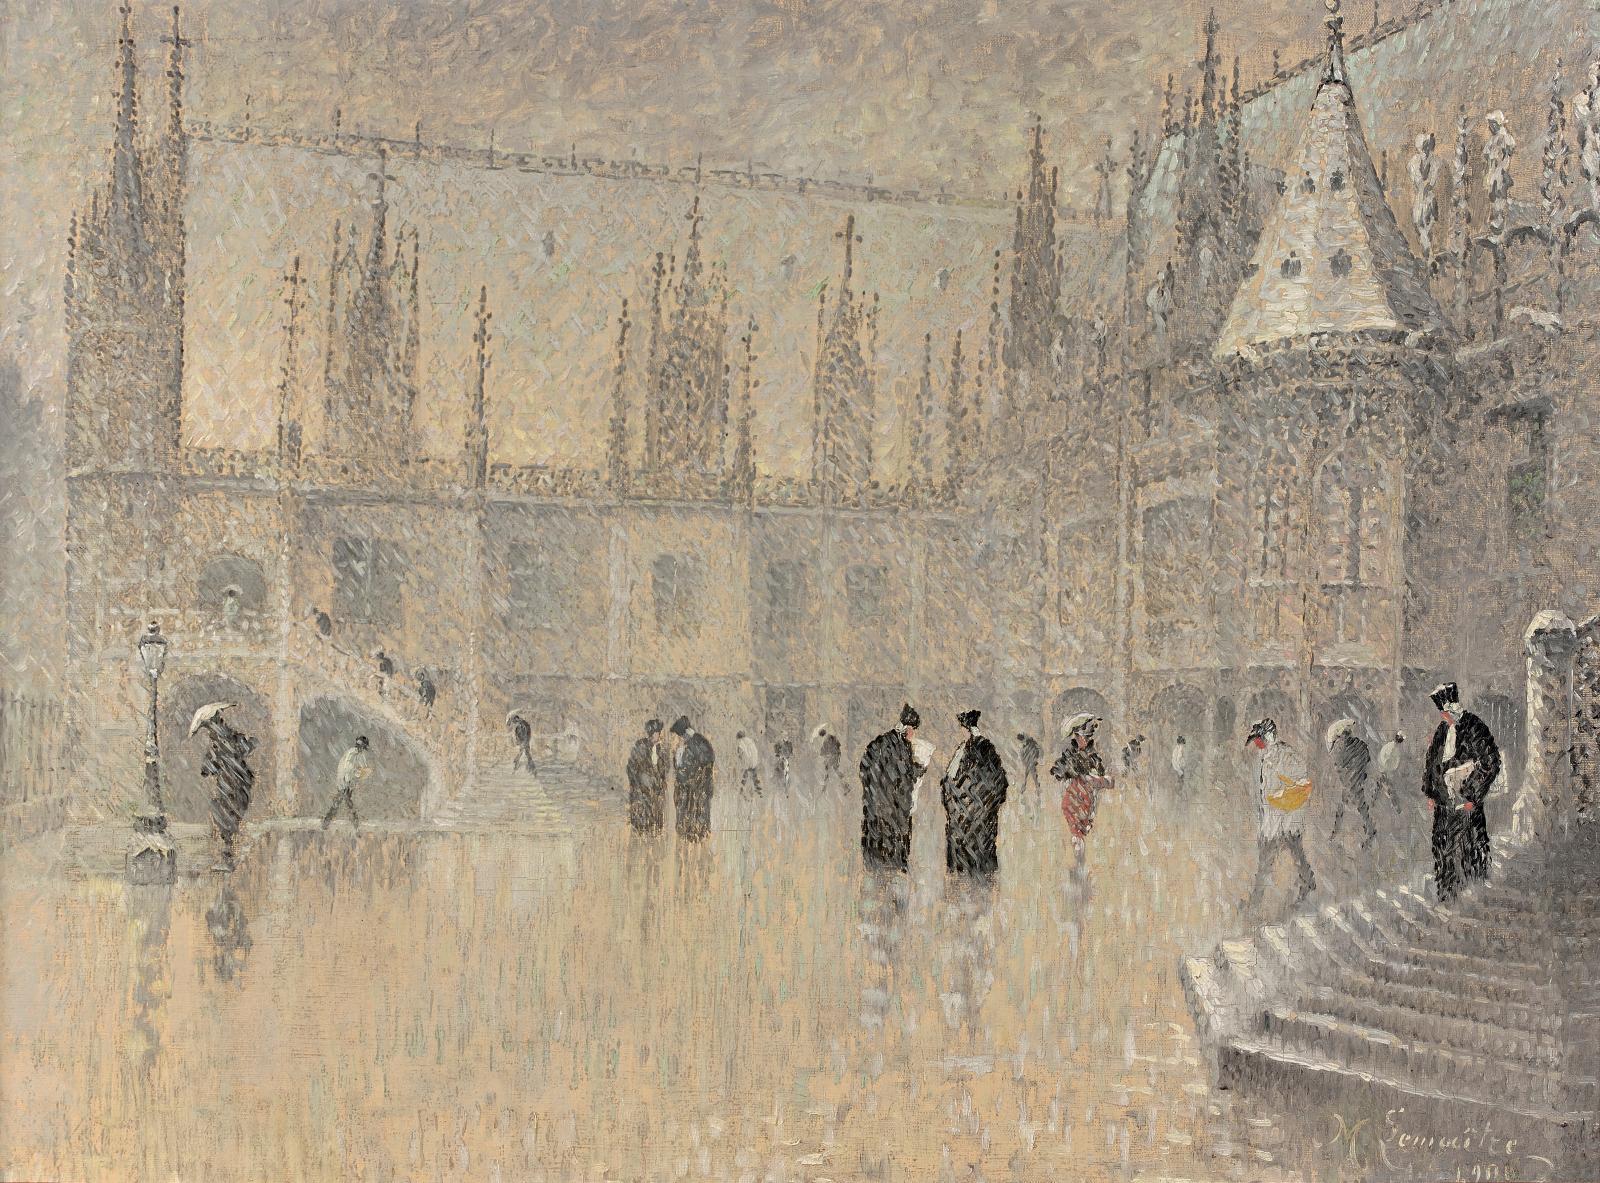 Léon Jules Lemaitre (1850-1905), Neige sur le palais de justice à Rouen, 1900,huile sur toile, 54x73cm (détail). Estimation: 6000/10